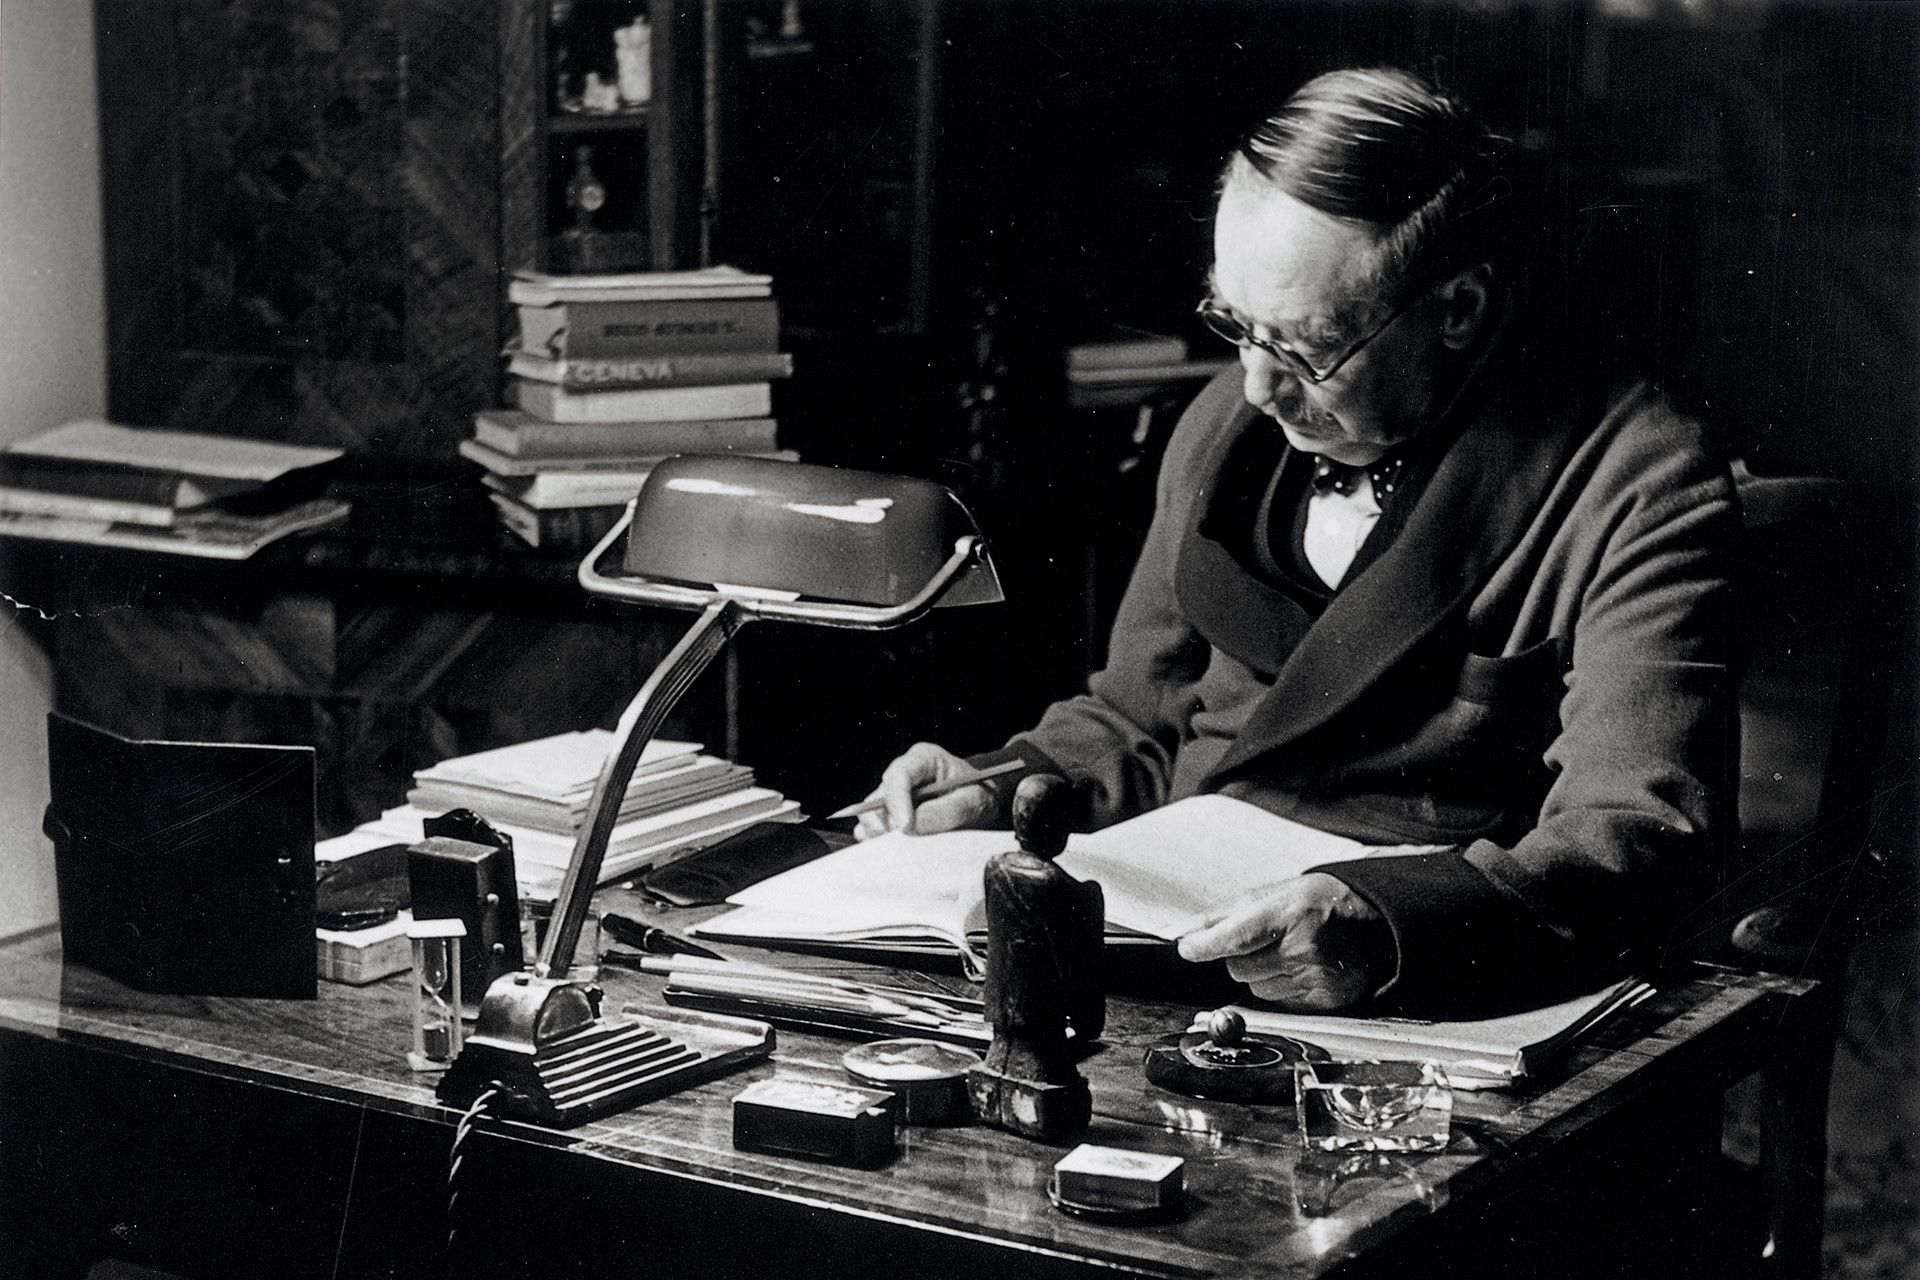 Wells conoció y entrevistó a Iósif Stalin en 1934, durante la última visita del escritor a Moscú.